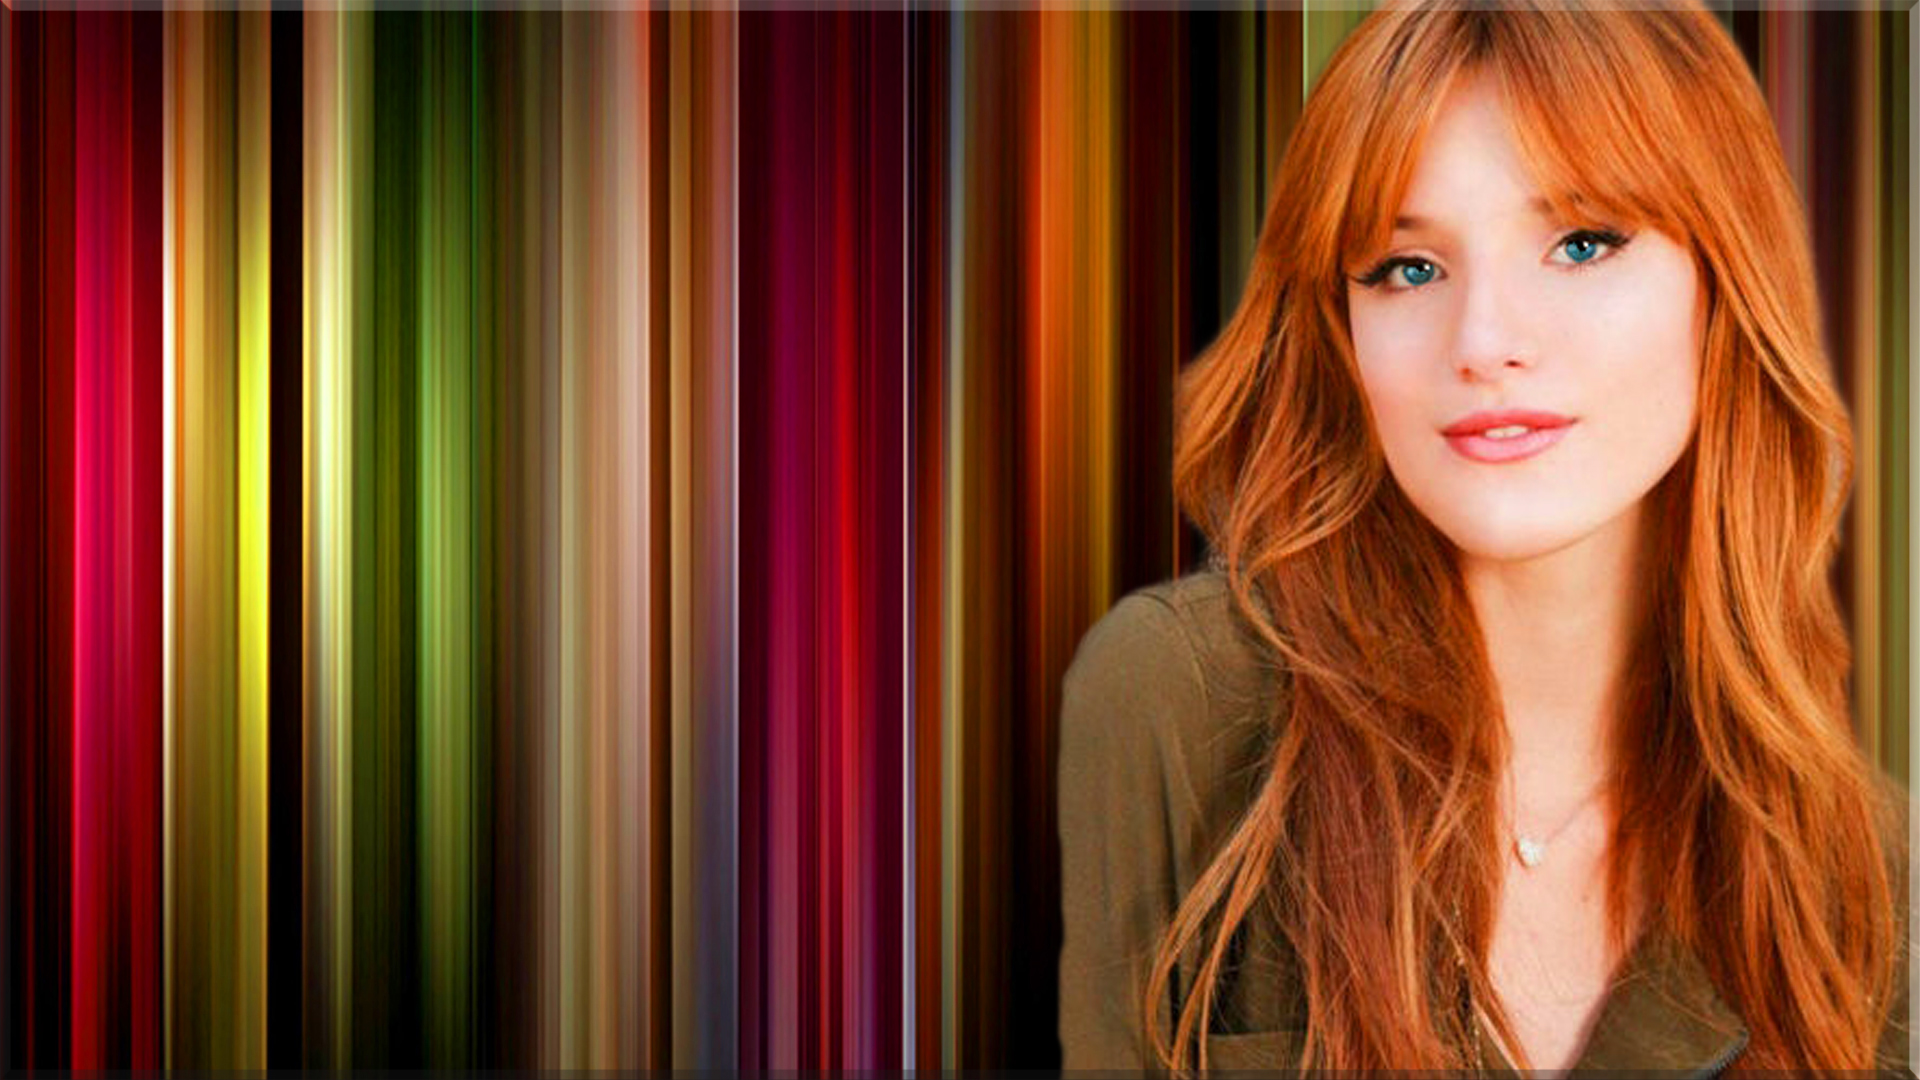 Redhead Wallpapers - WallpaperSafari